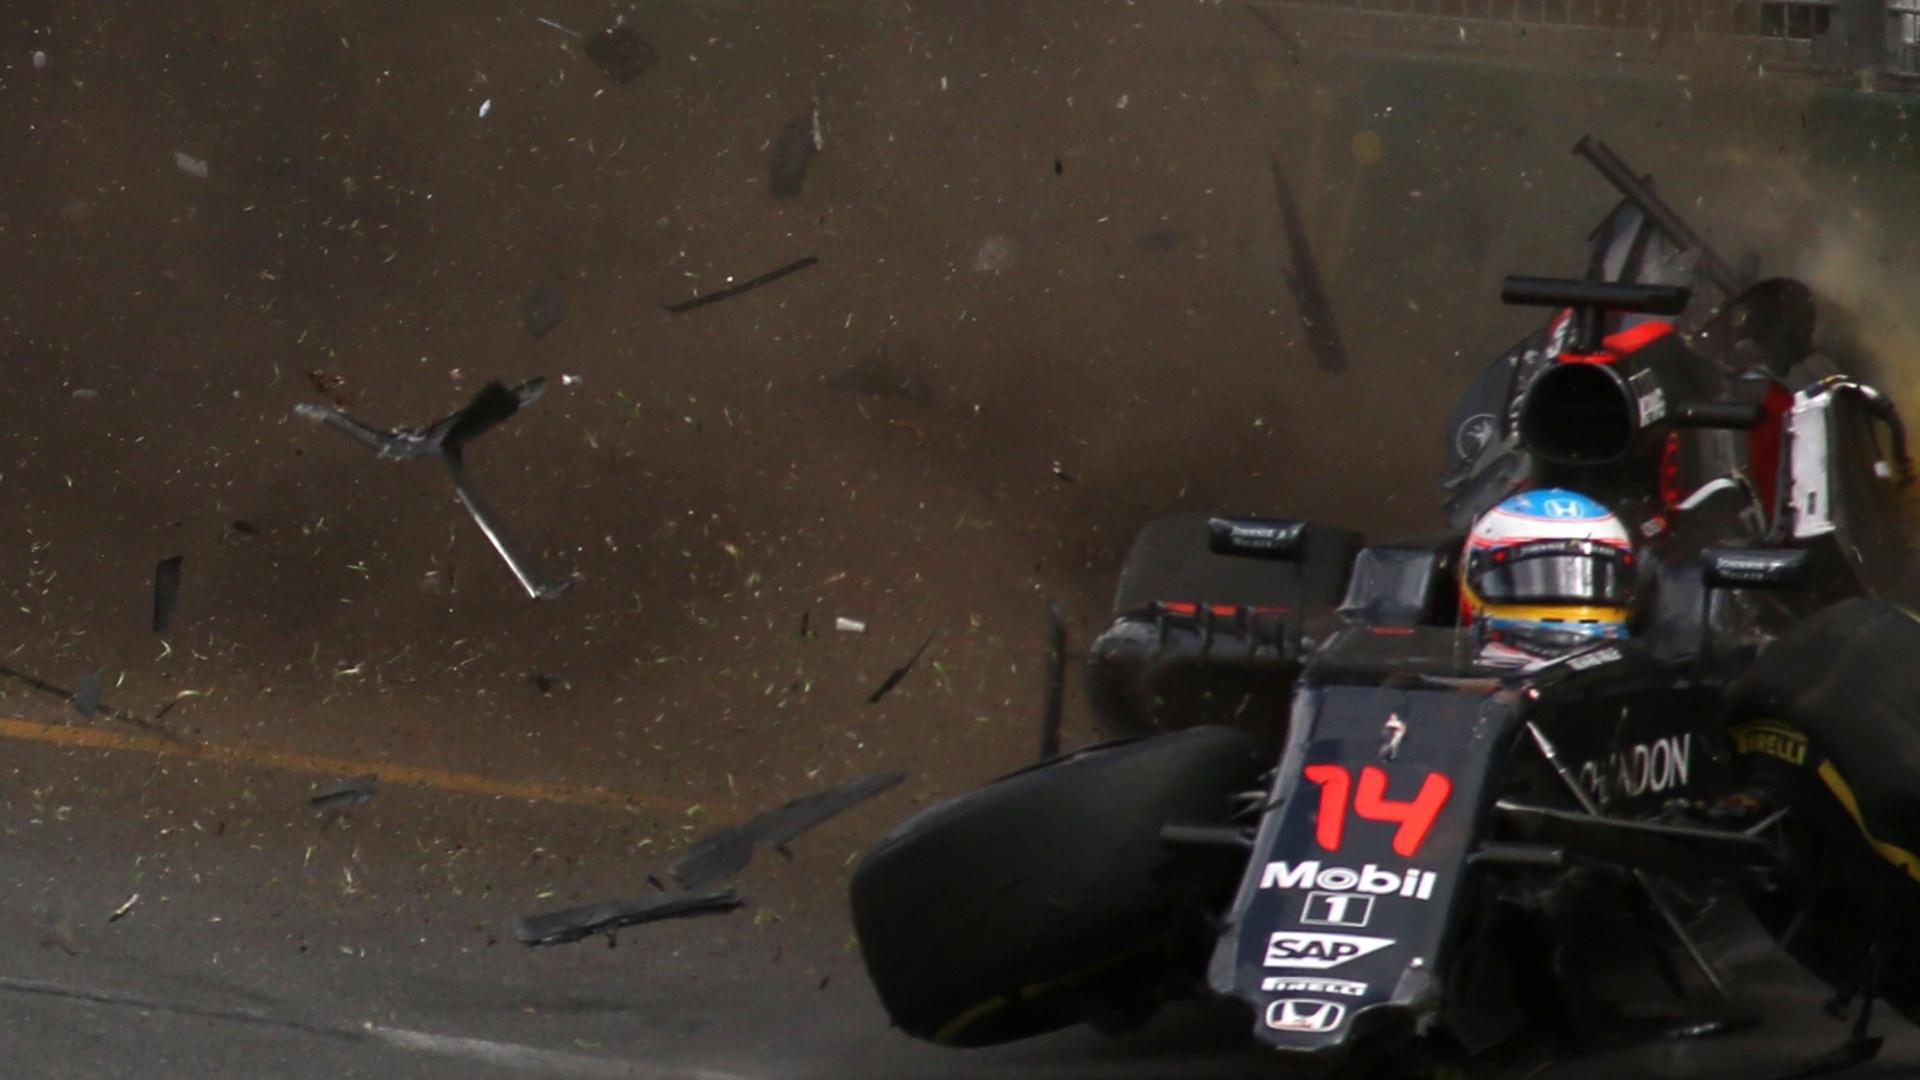 20.mar.2016 - Um acidente que destruiu completamente a McLaren Honda do piloto espanhol Fernando Alonso marcou o Grande Prêmio da Austrália de Fórmula 1, o primeiro da temporada. Alonso saiu ileso do episódio, mas a corrida chegou a ficar paralisada por 20 minutos. A prova foi vencida por Nico Rosberg, da Mercedes. O brasileiro Felipe Massa foi o quinto colocado, enquanto Felipe Nasr terminou em 15º